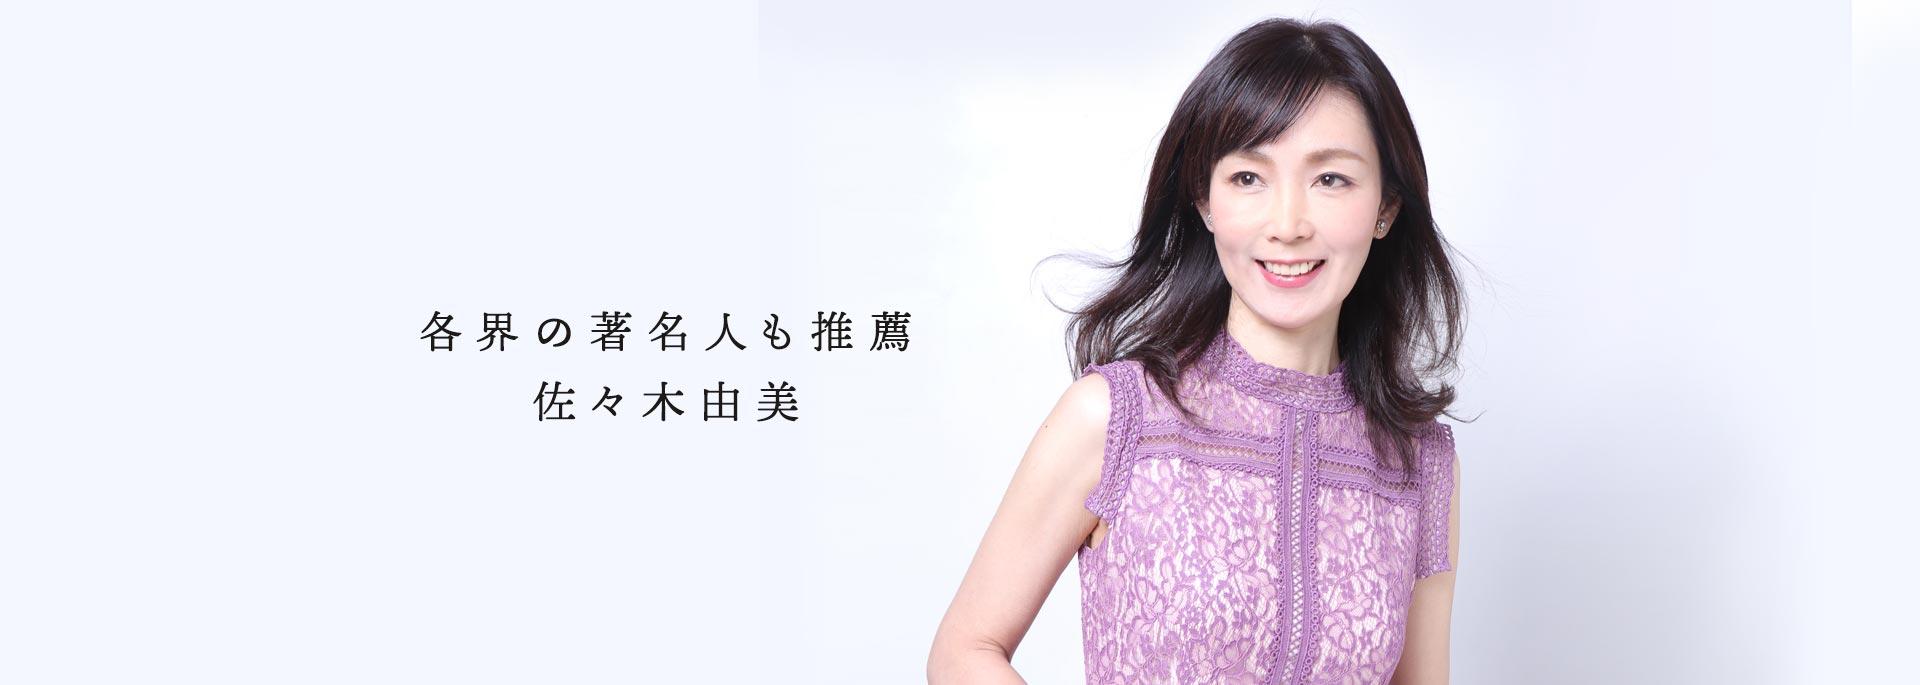 各界の著名人も推薦 小顔美スタイリスト 佐々木由美